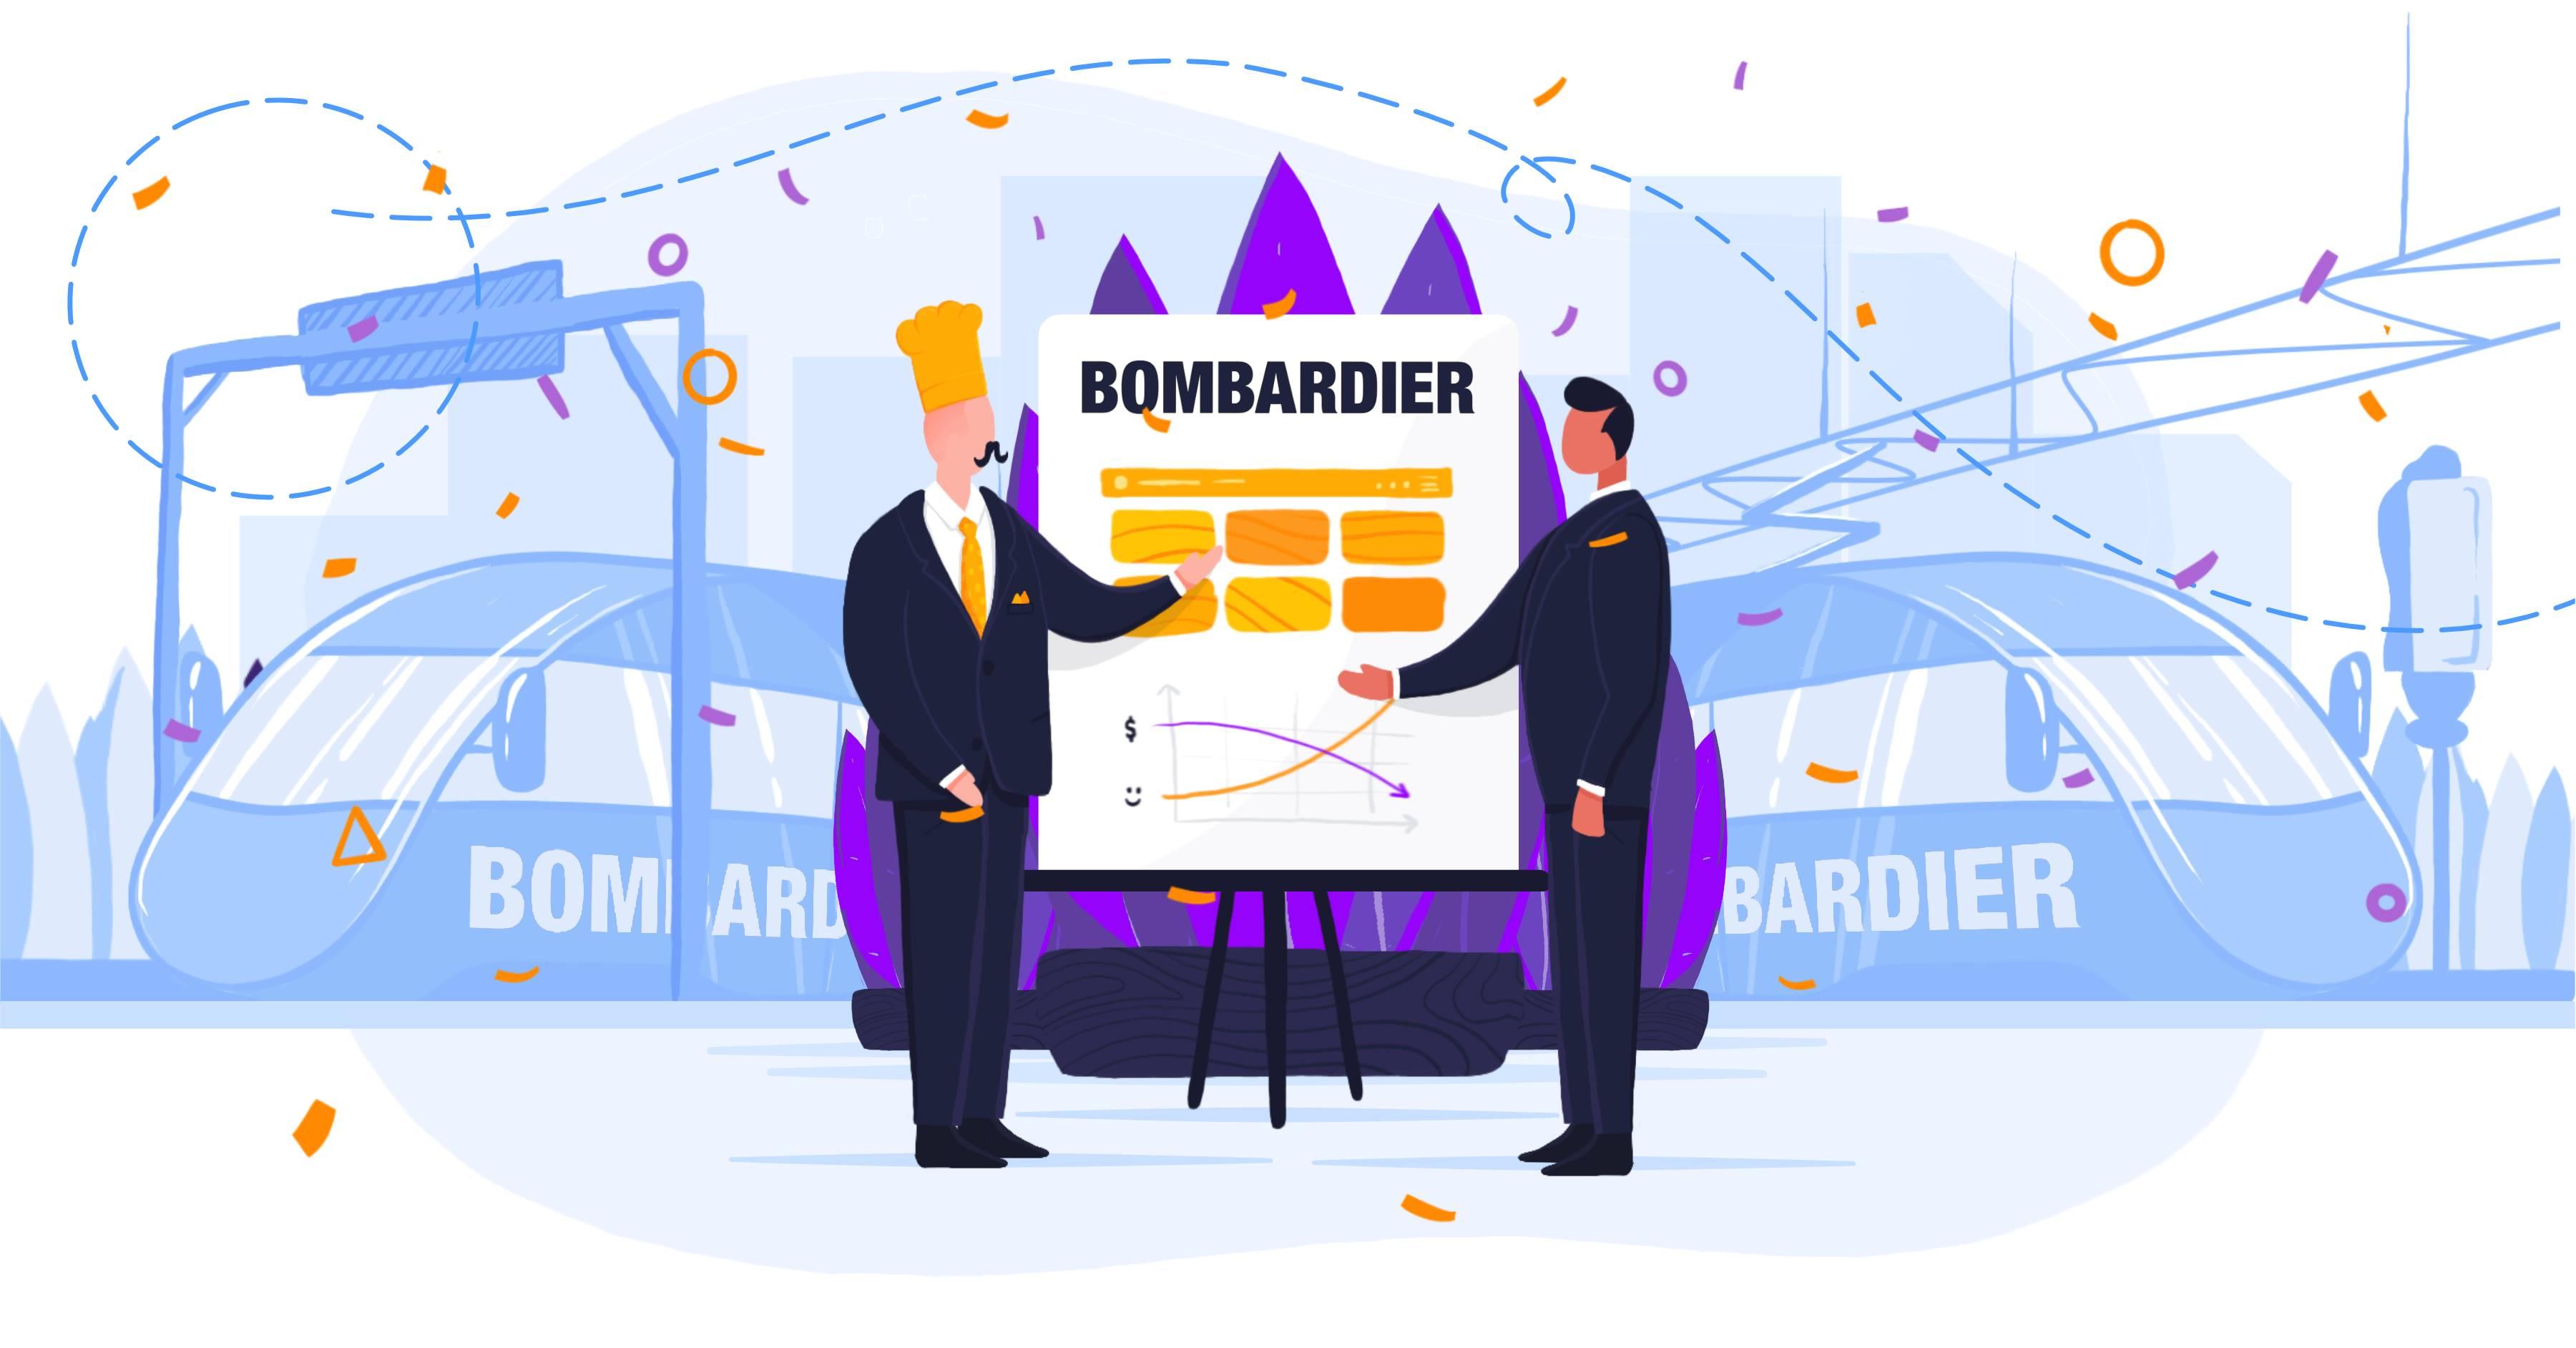 Historie klientow smartlunch: Bombardier. Wirtualna kantyna karmi setki pracowników